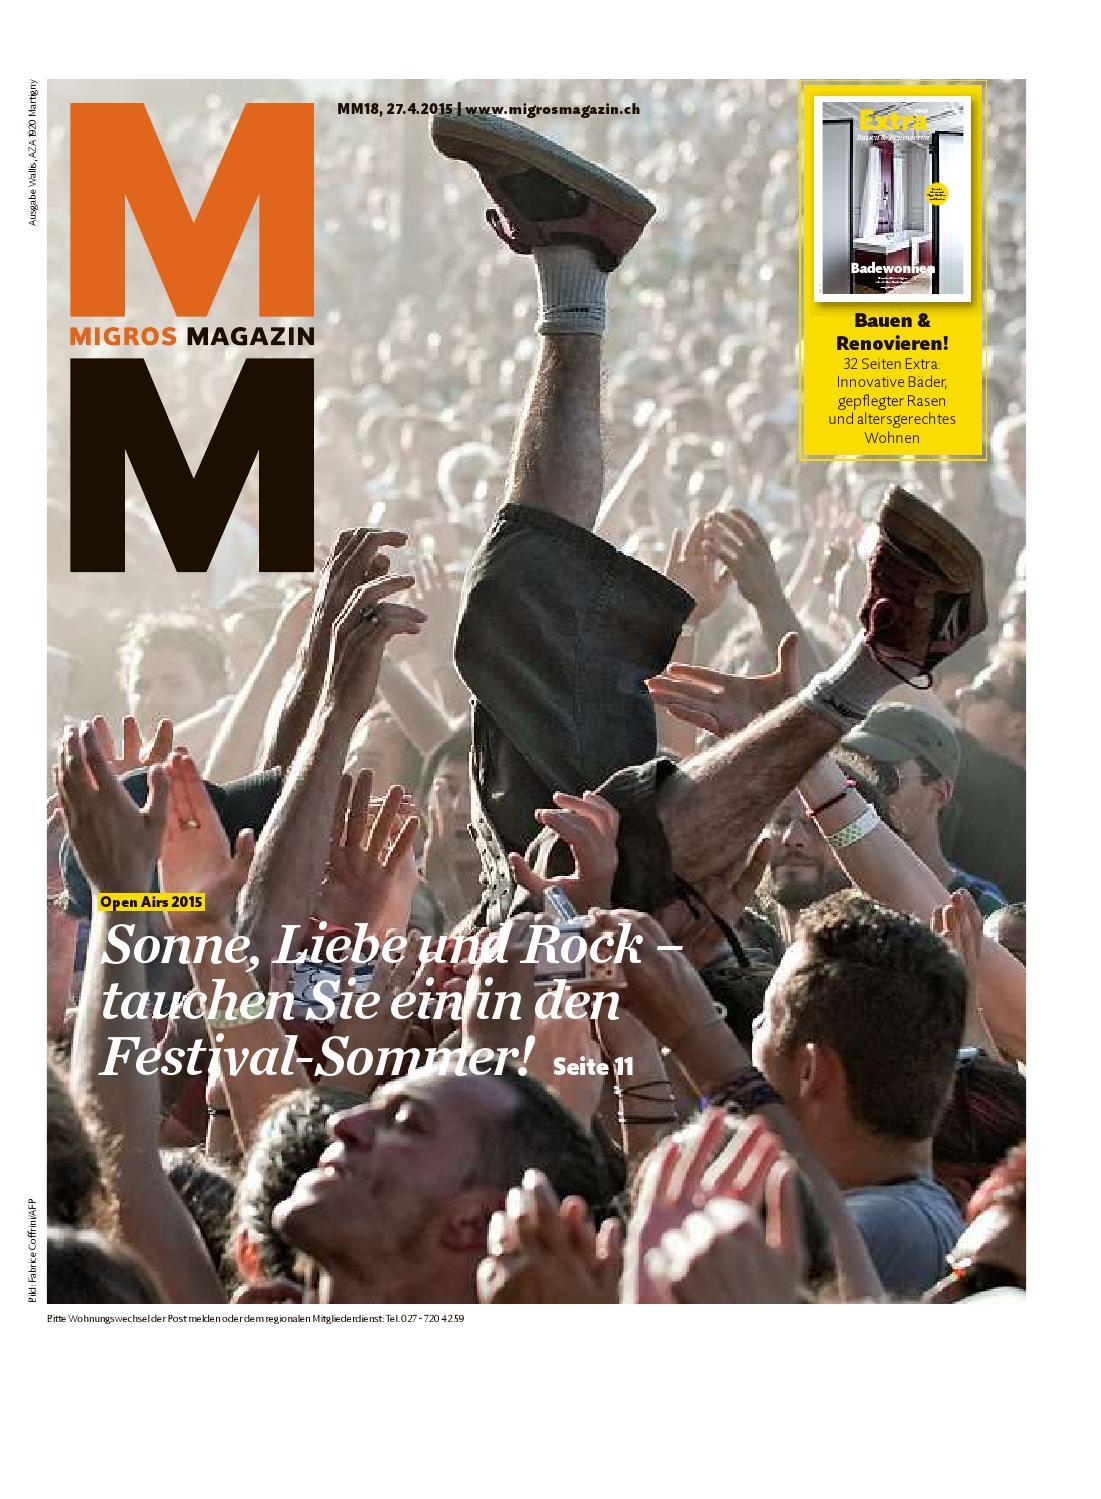 Migros magazin 18 2015 d vs by Migros-Genossenschafts-Bund - issuu